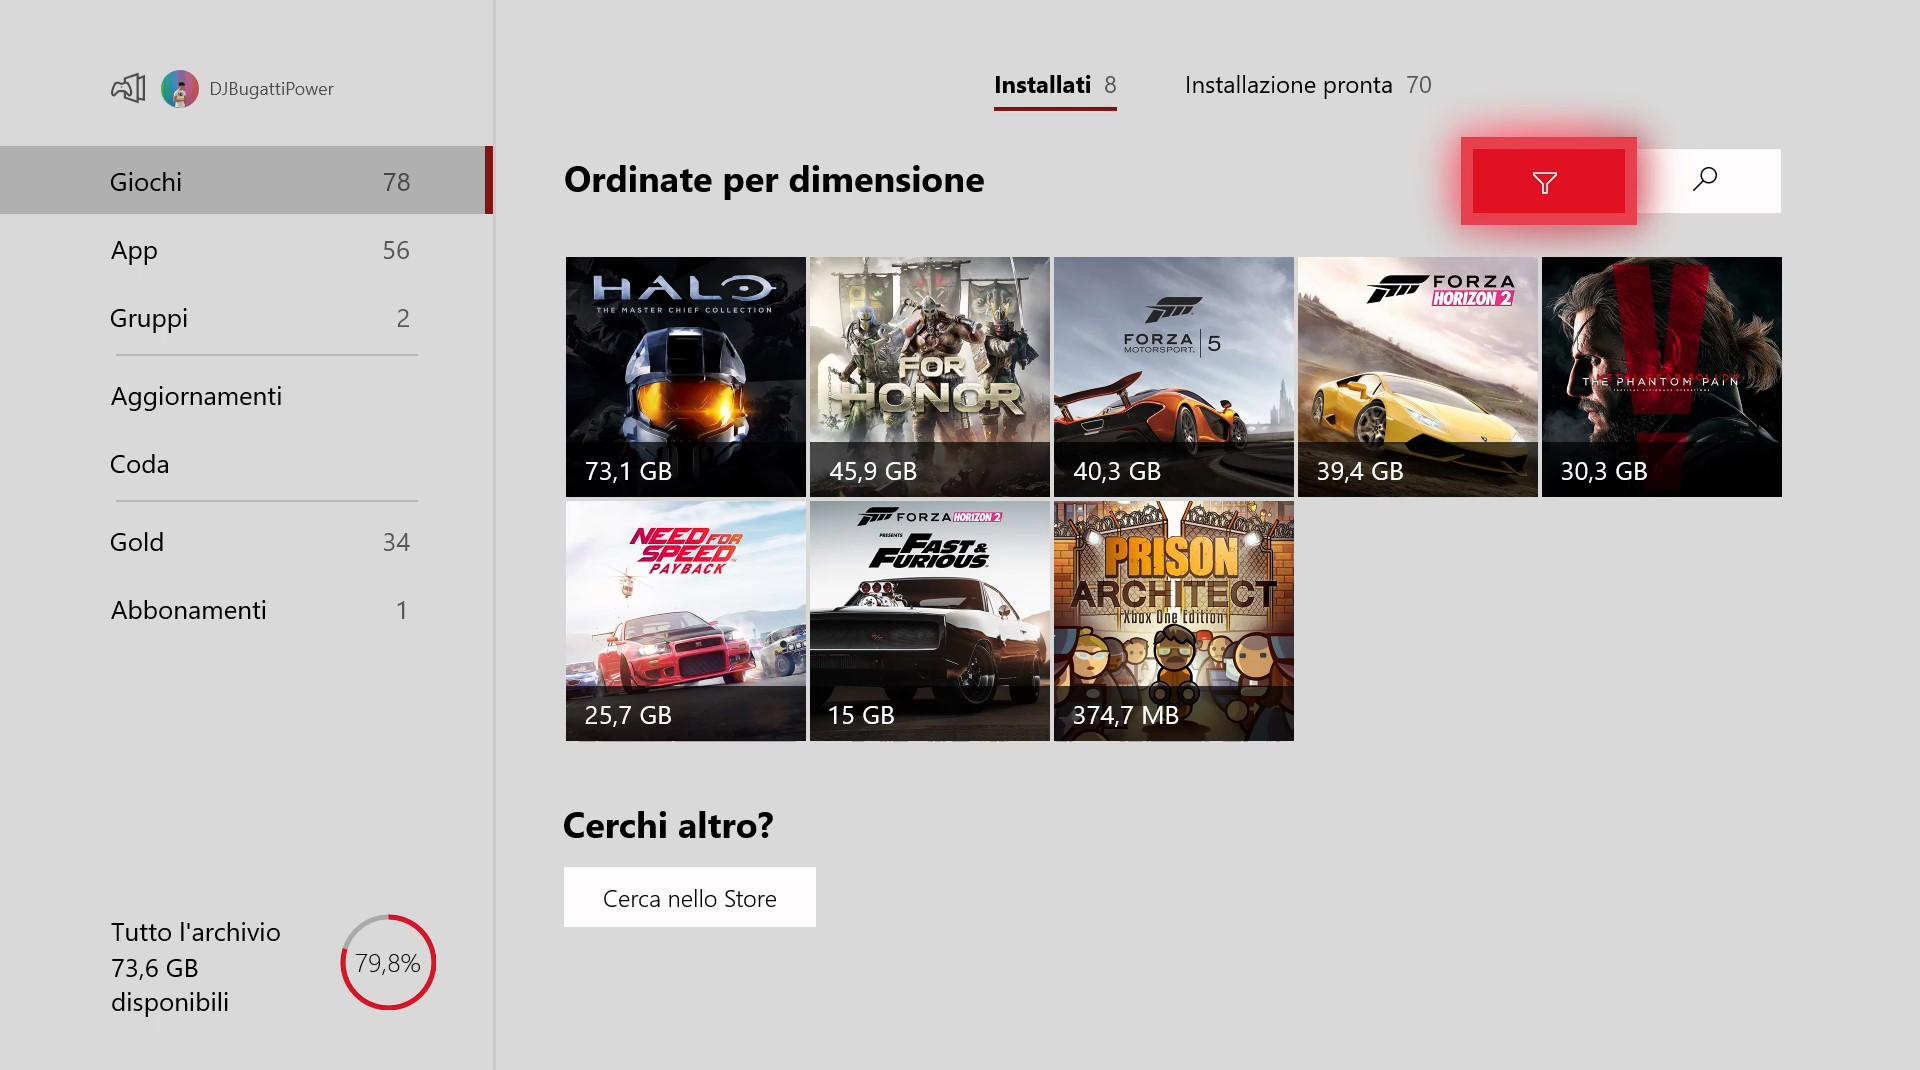 Xbox One nuova interfaccia I miei giochi e app Windows 10 1810 October 2018 Update